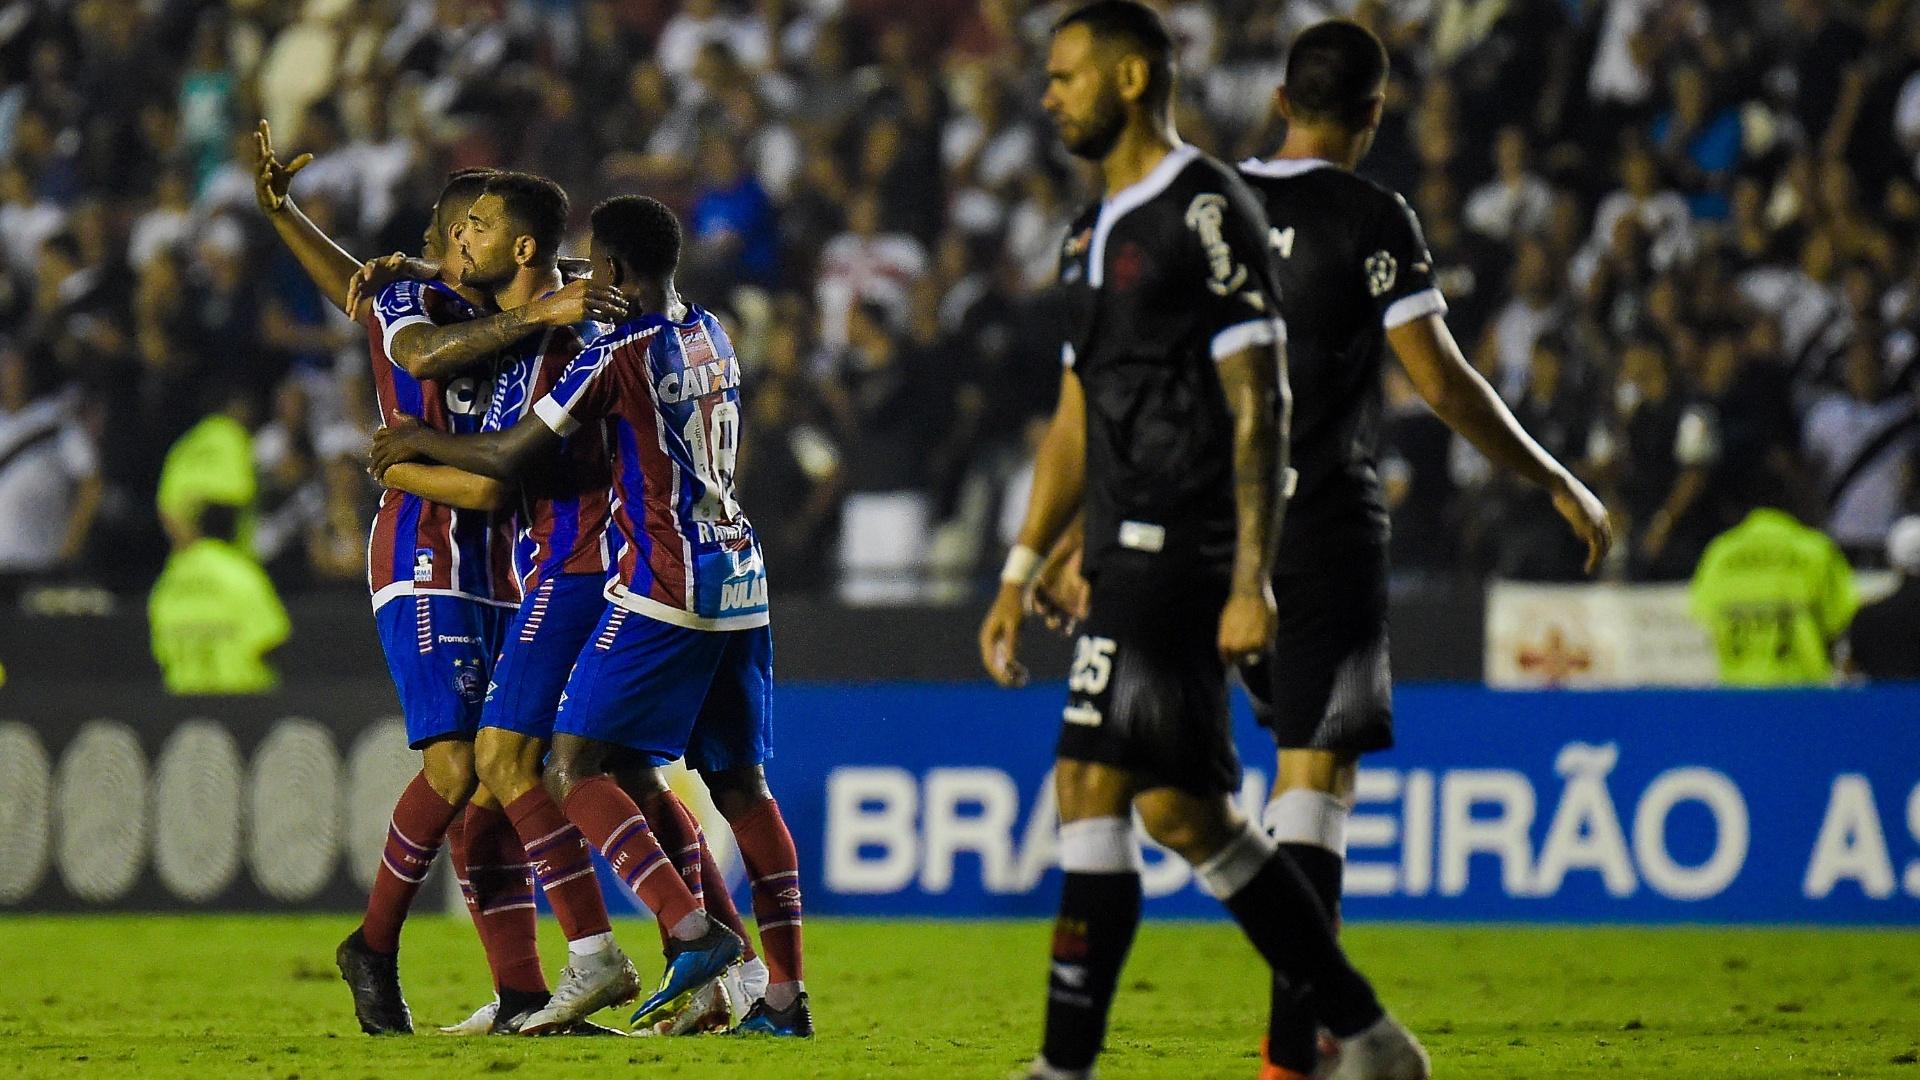 Jogadores do Bahia comemoram gol de Gilberto diante do Vasco